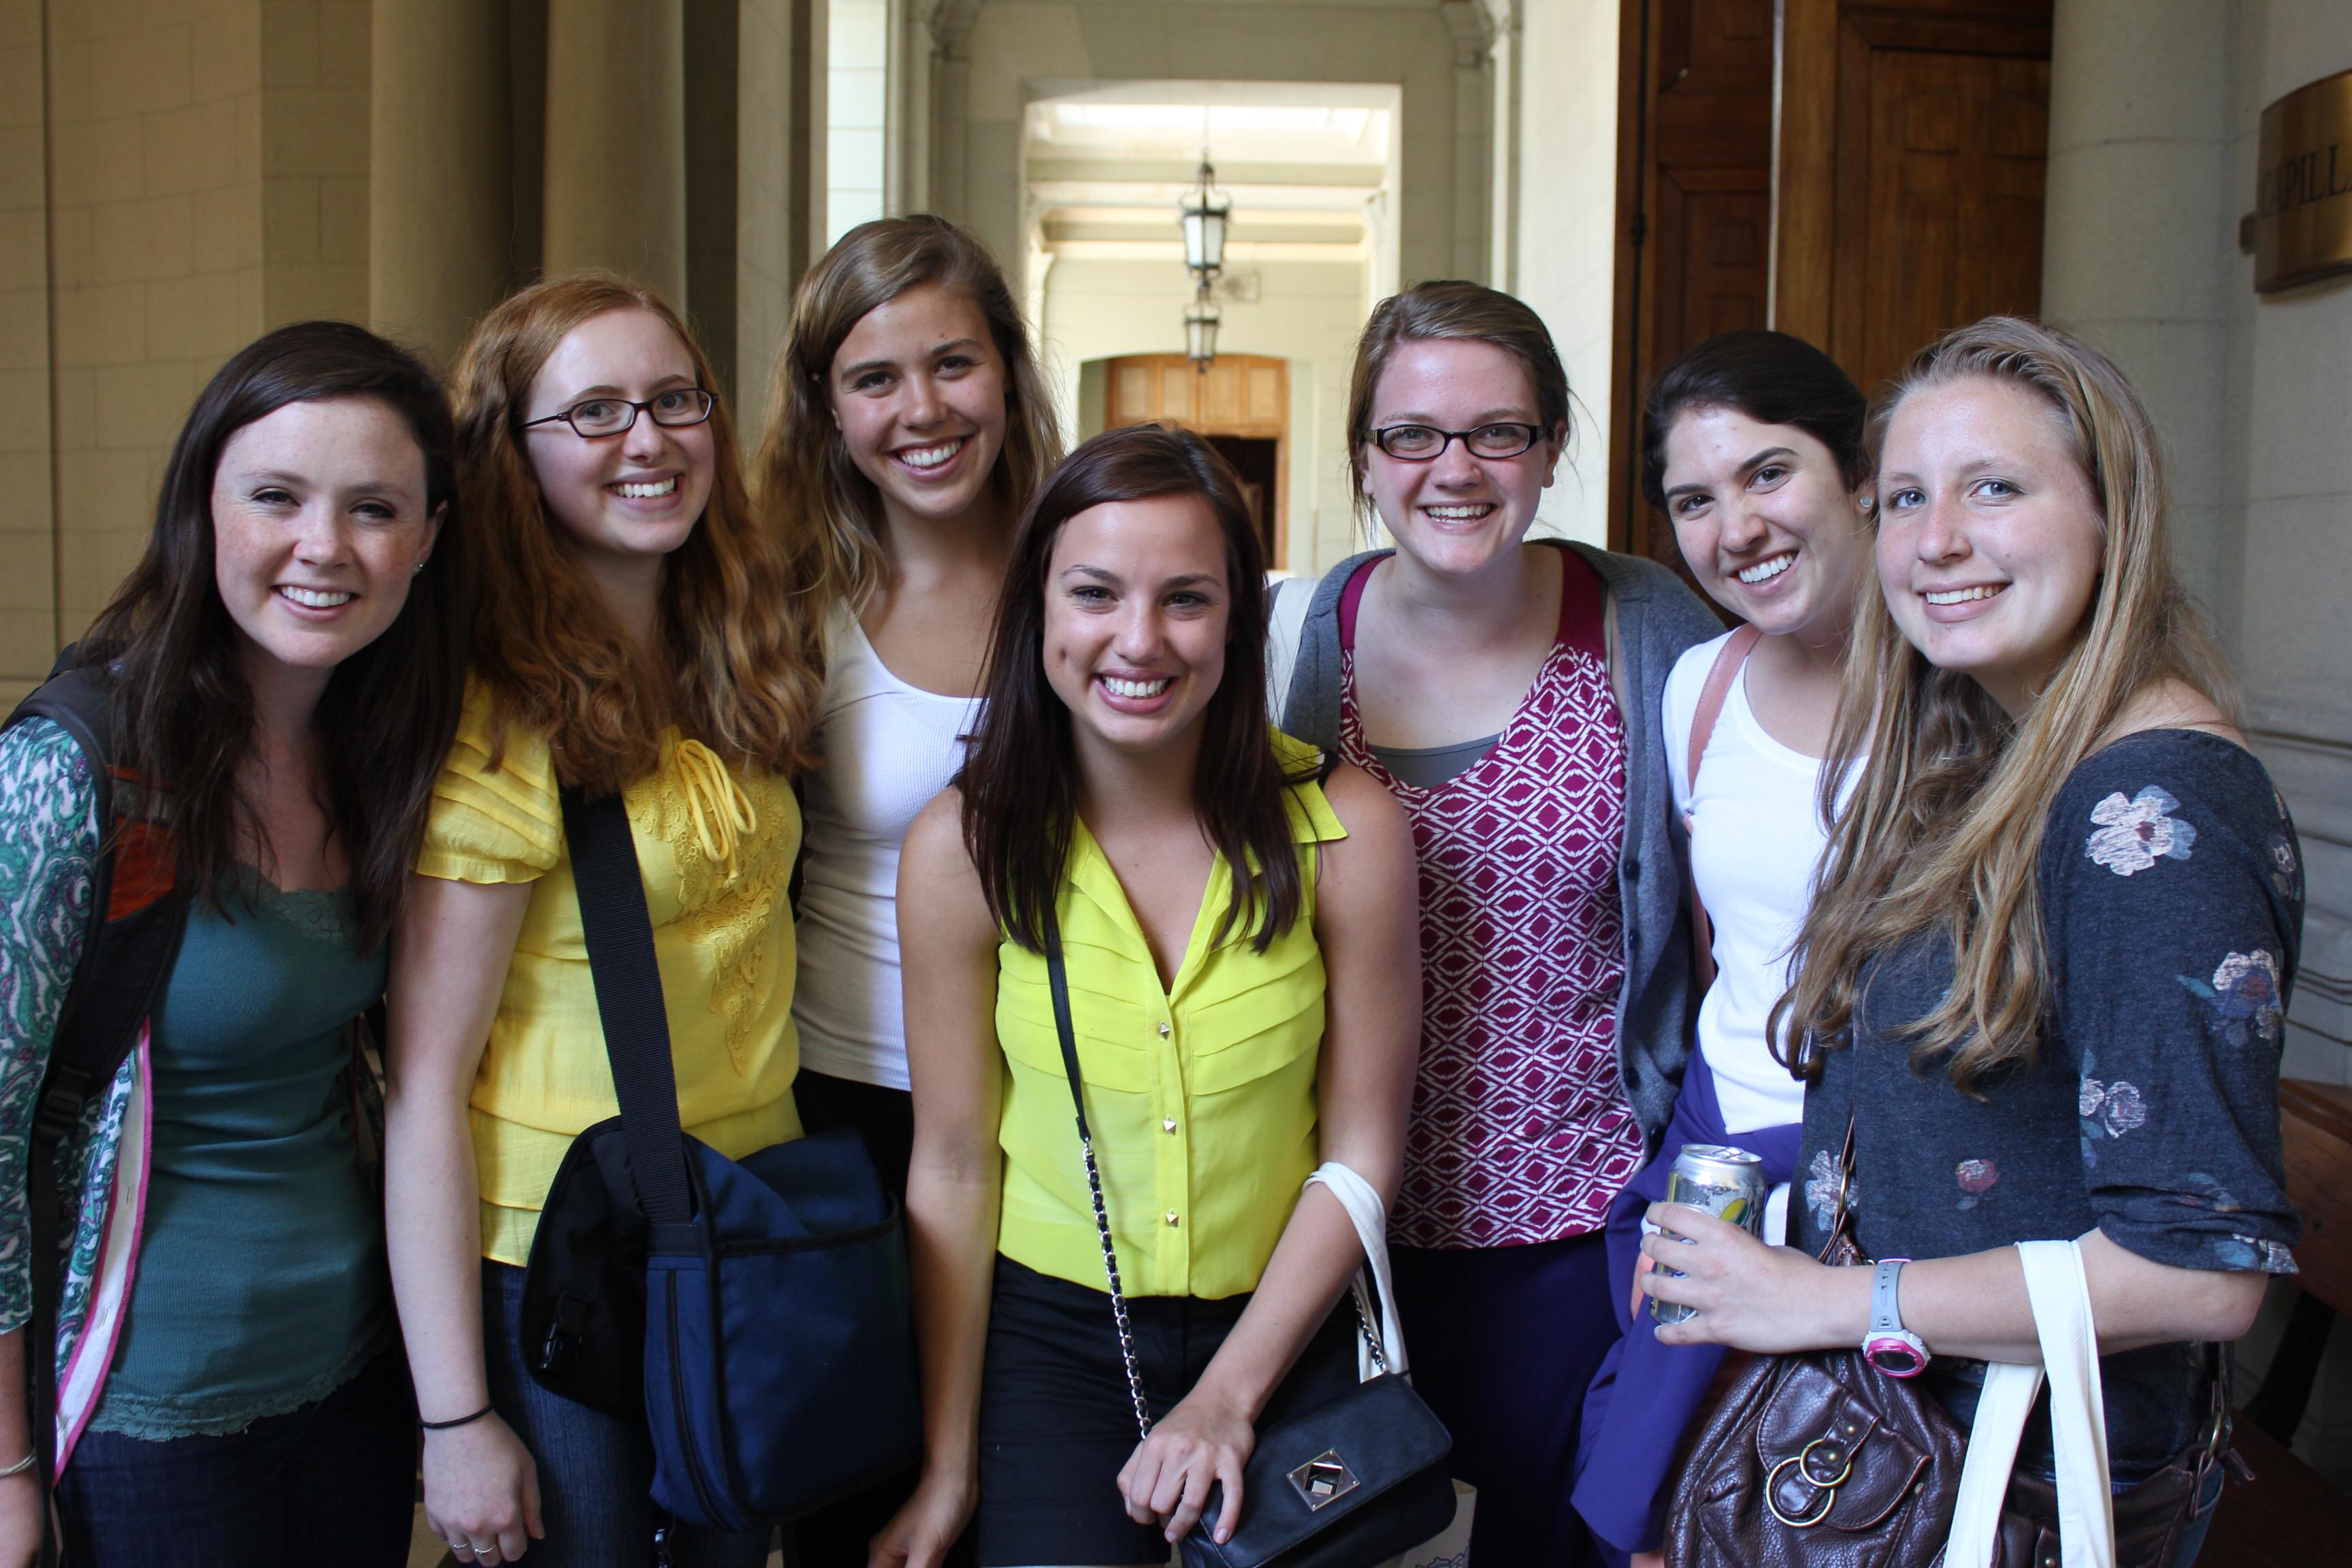 PDI y registro civil realizan jornada especial con estudiantes de intercambio